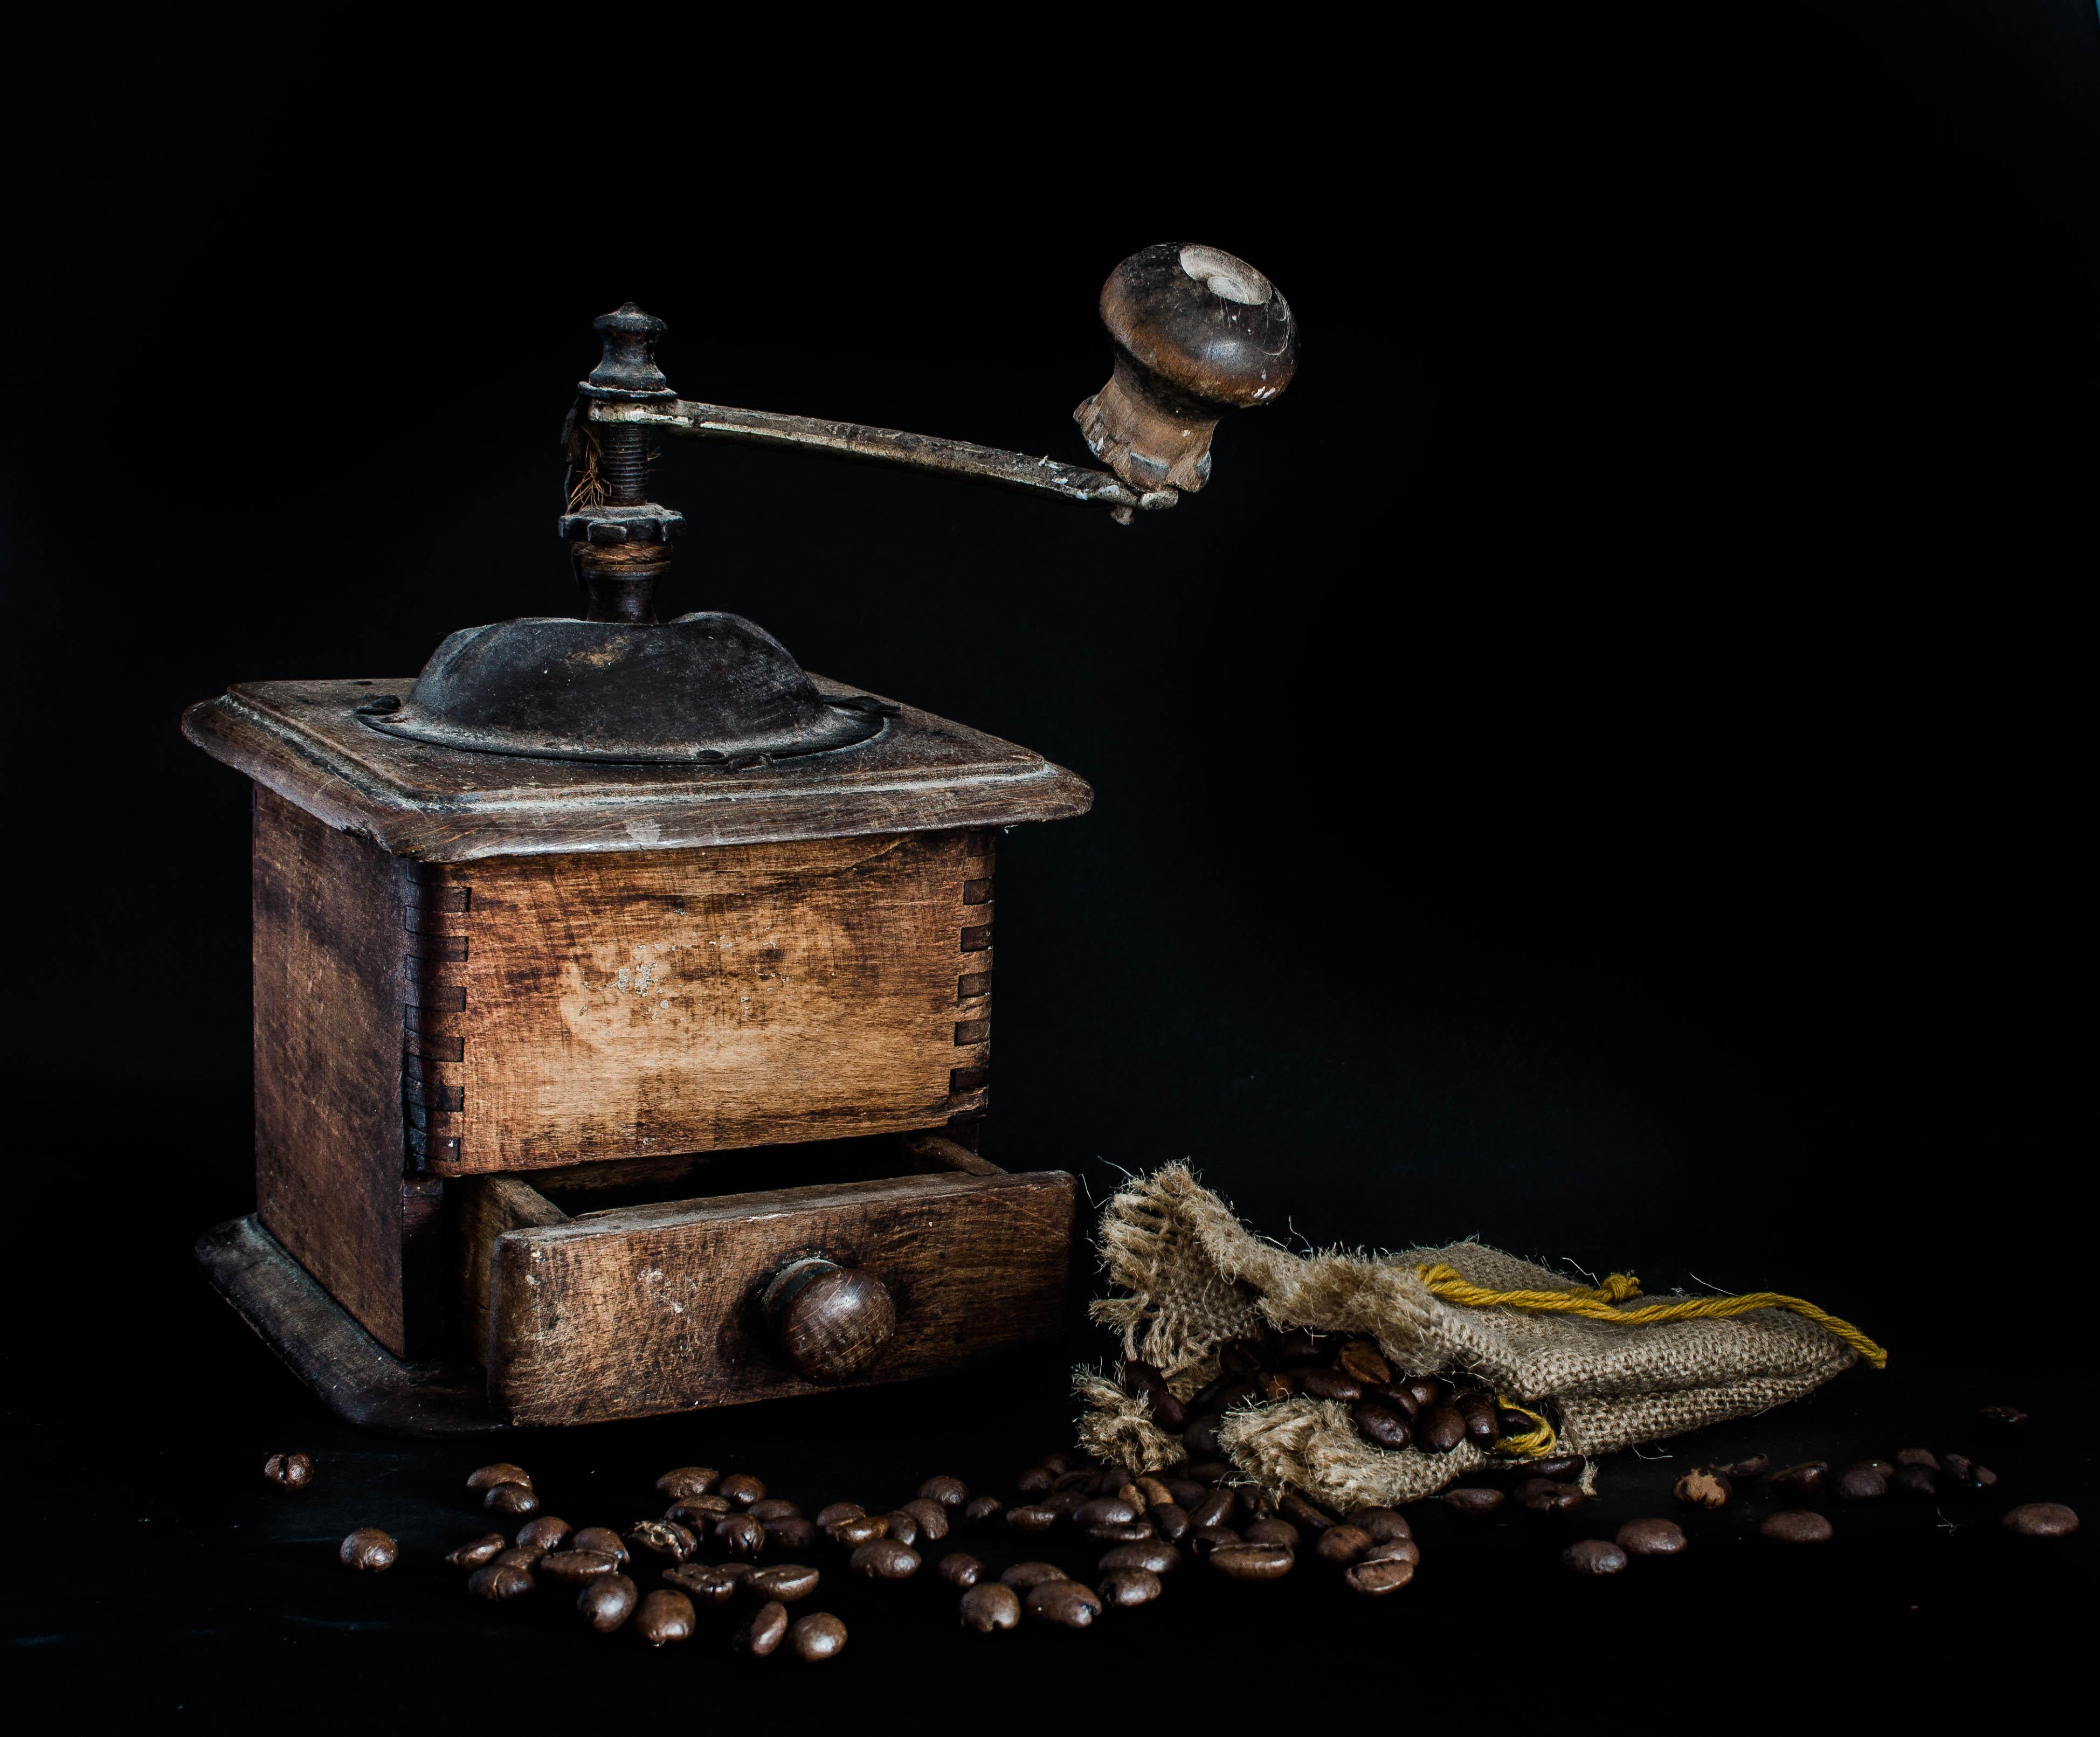 кофе, кофемолка, натюрморт